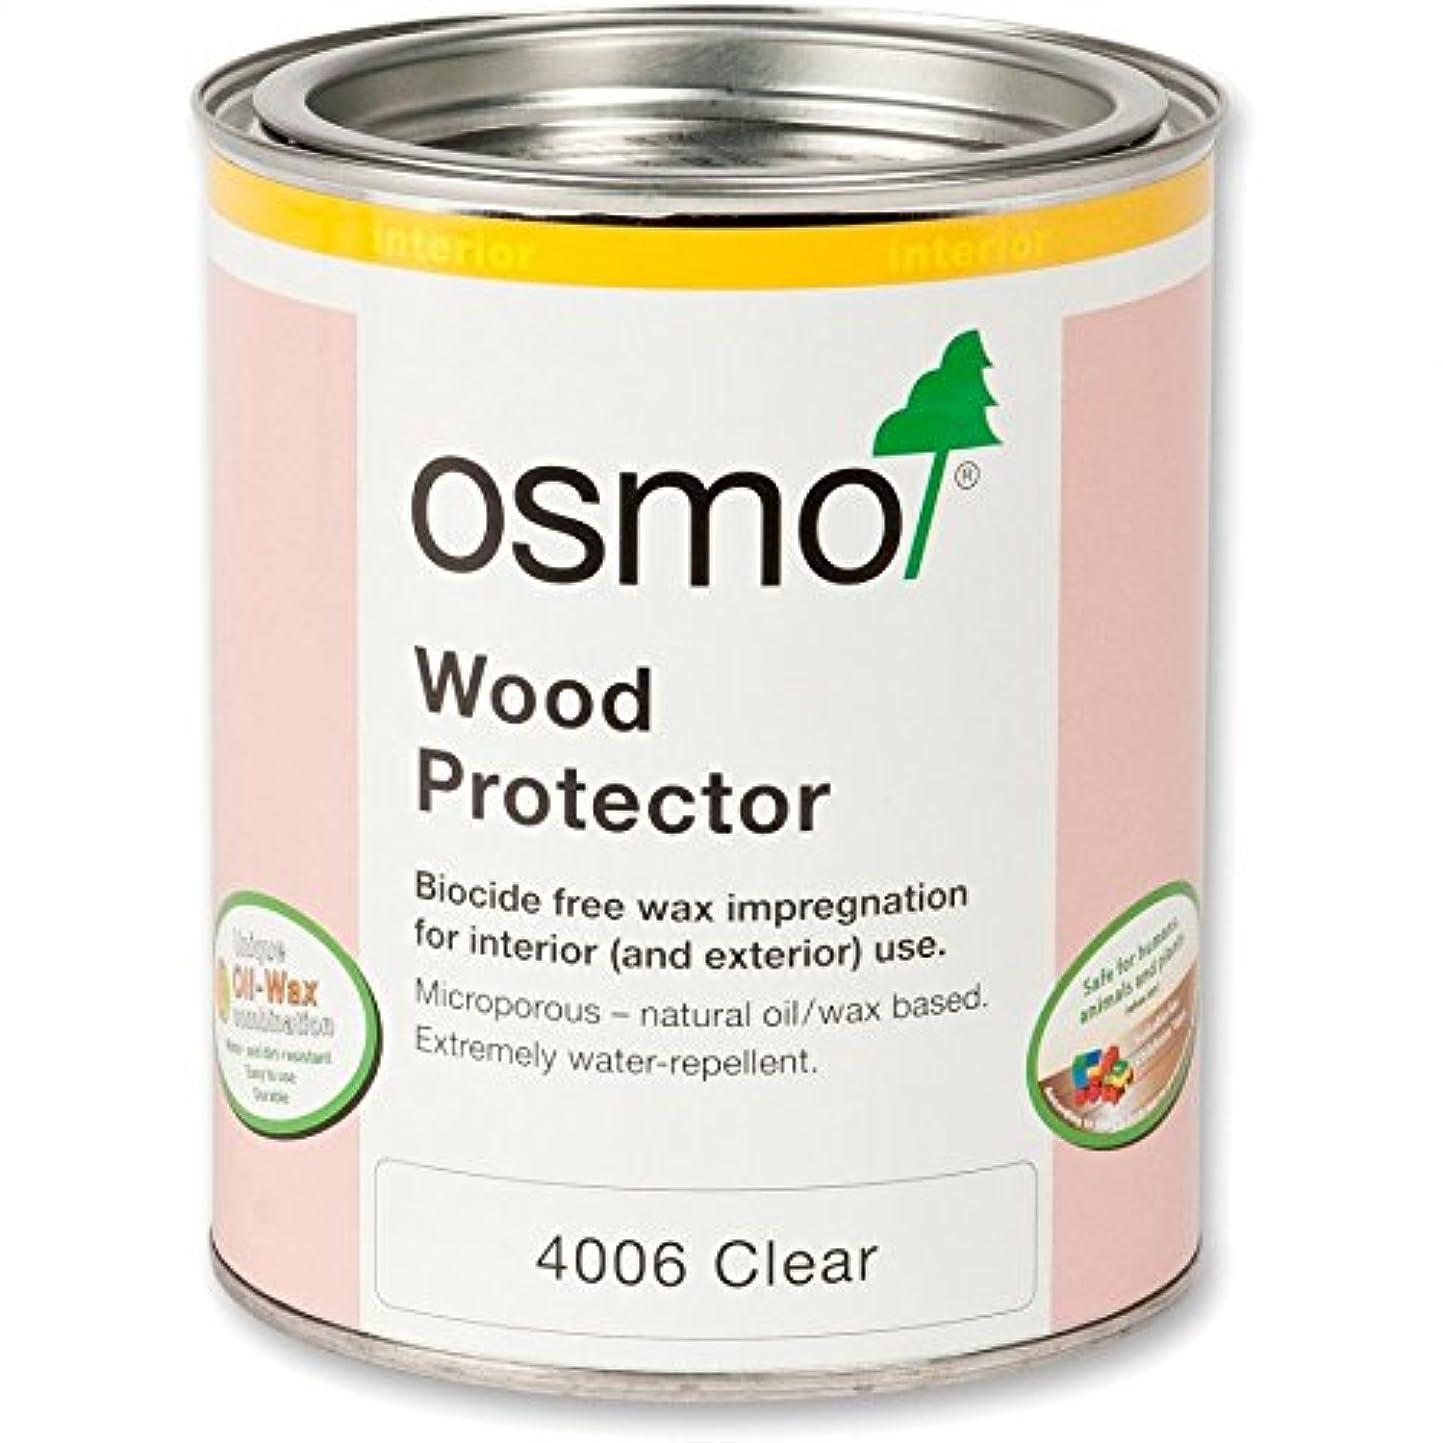 うん花弁シャンプーオスモ オスモカラー ウッドワックス#4006ウッドプロテクター(防カビ用下塗り) 750ml